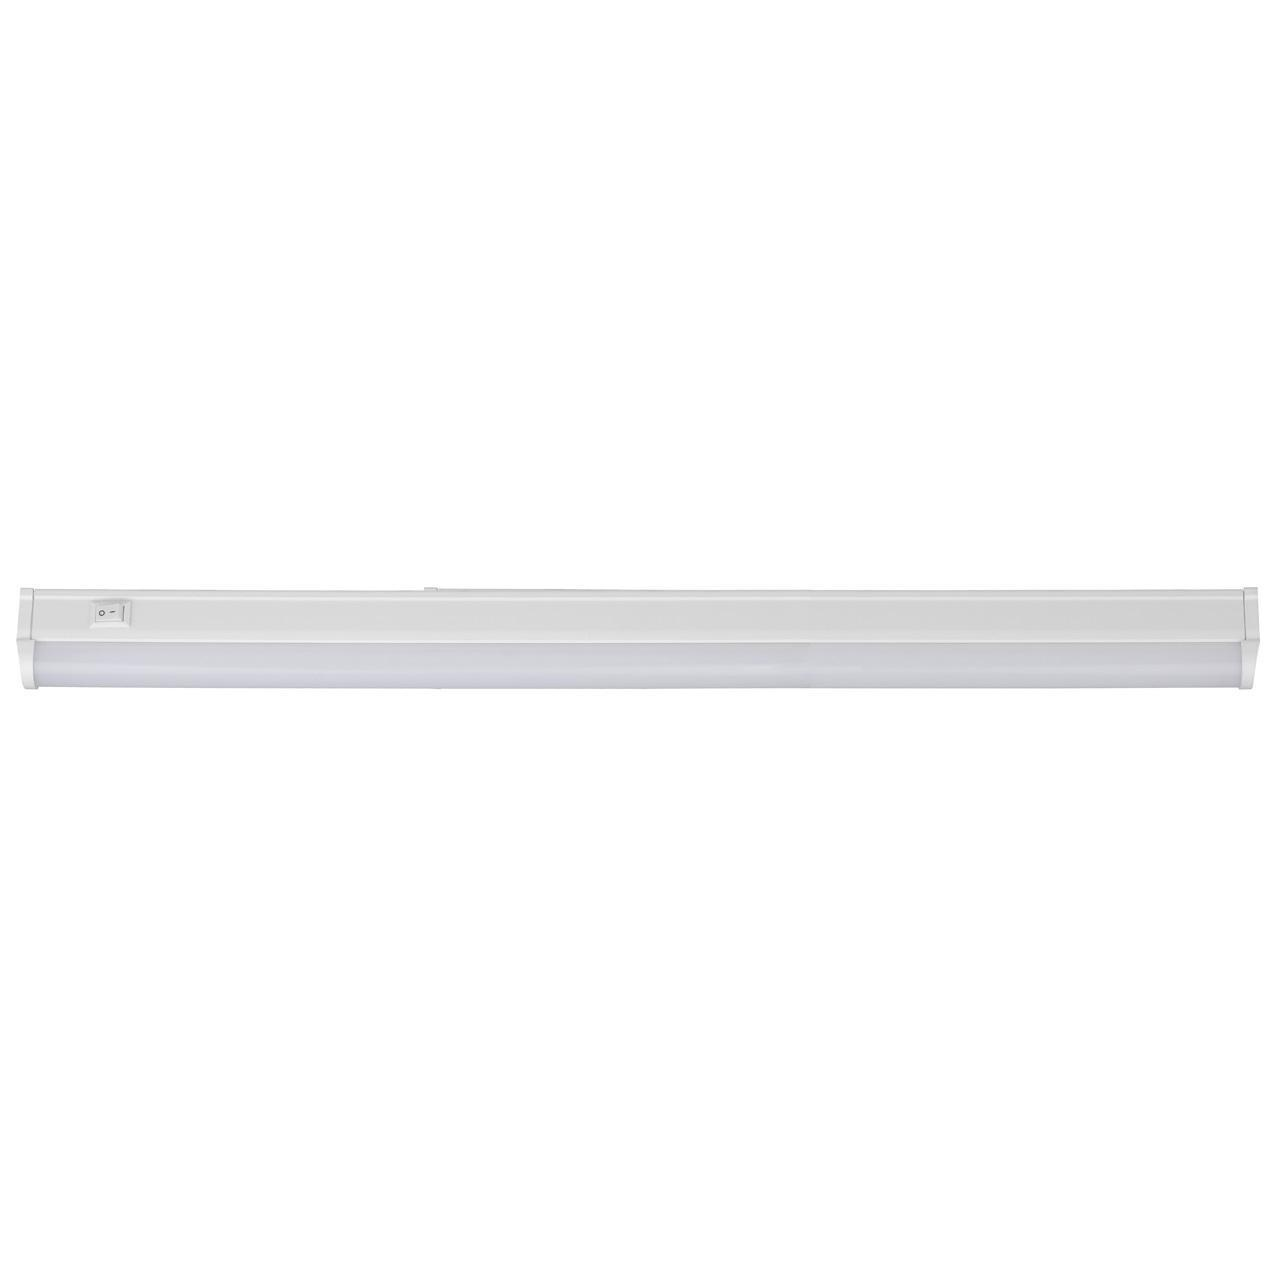 Настенно-потолочный светильник Эра LLED-01-08W-6500-W, LED, 8 Вт стоимость